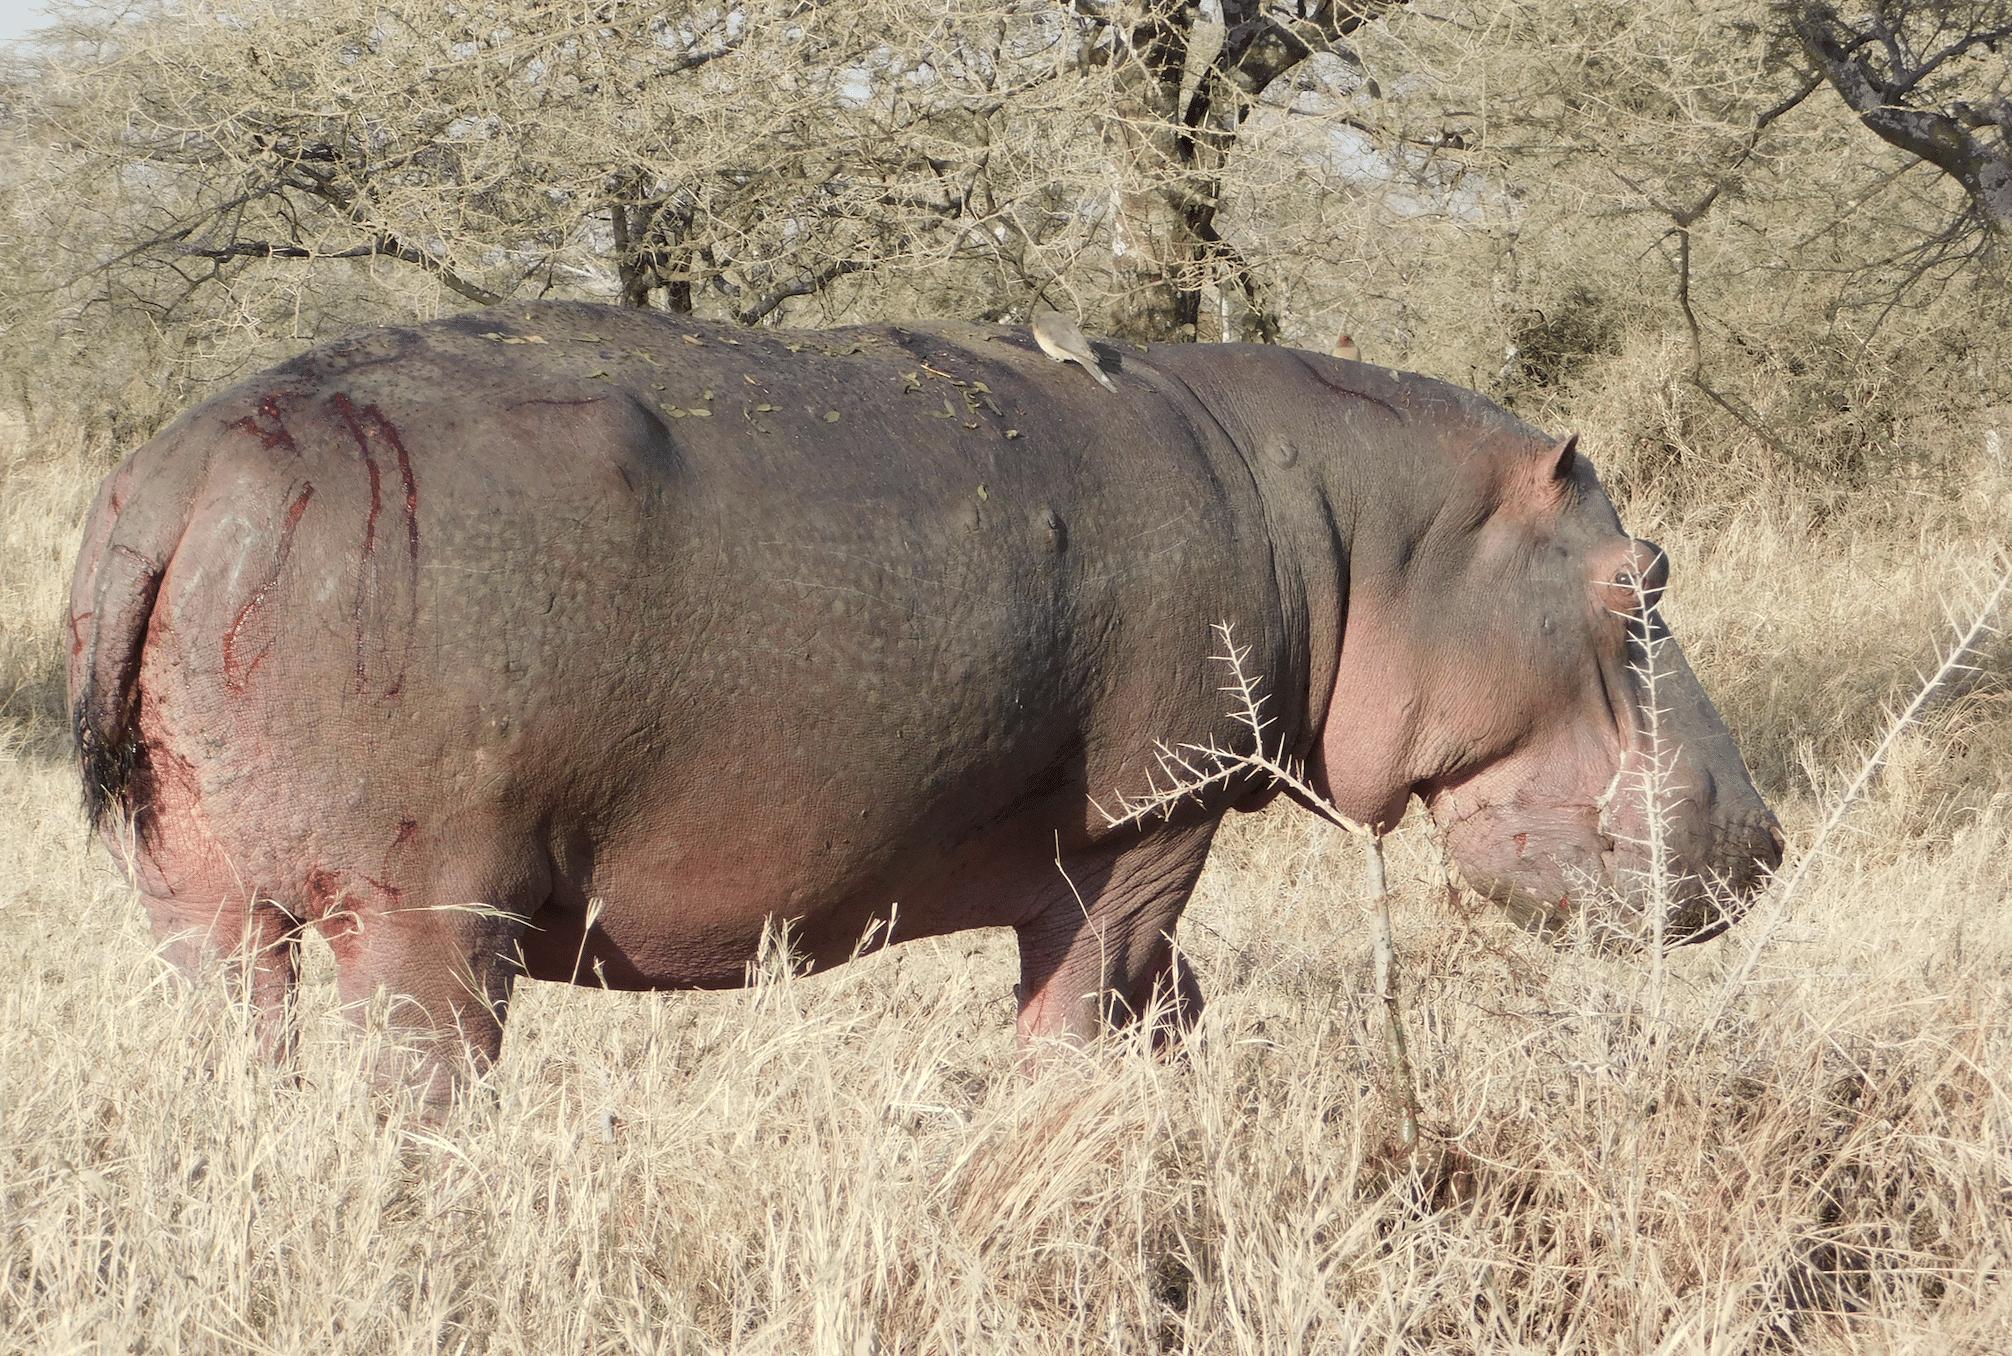 un hippopotame dans le parc du serengeti